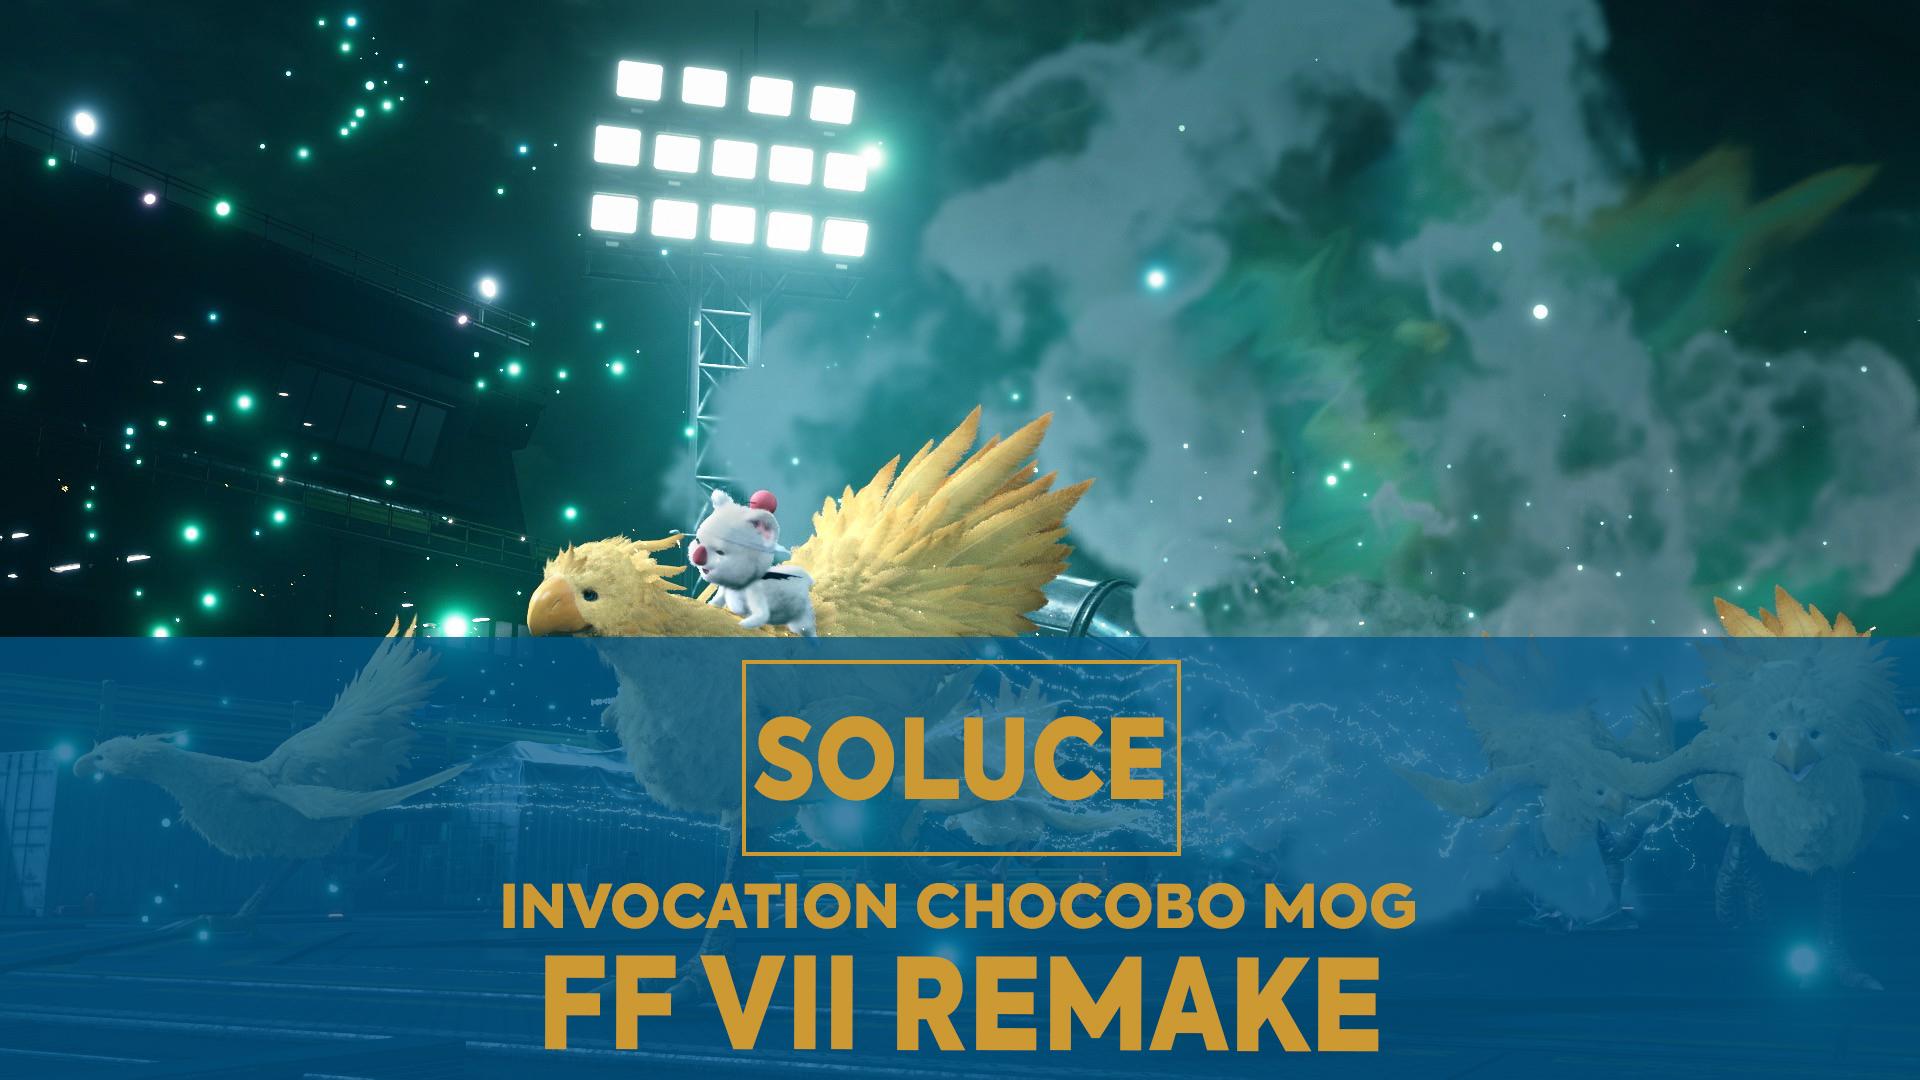 final fantasy 7 remake soluce chocobo mog